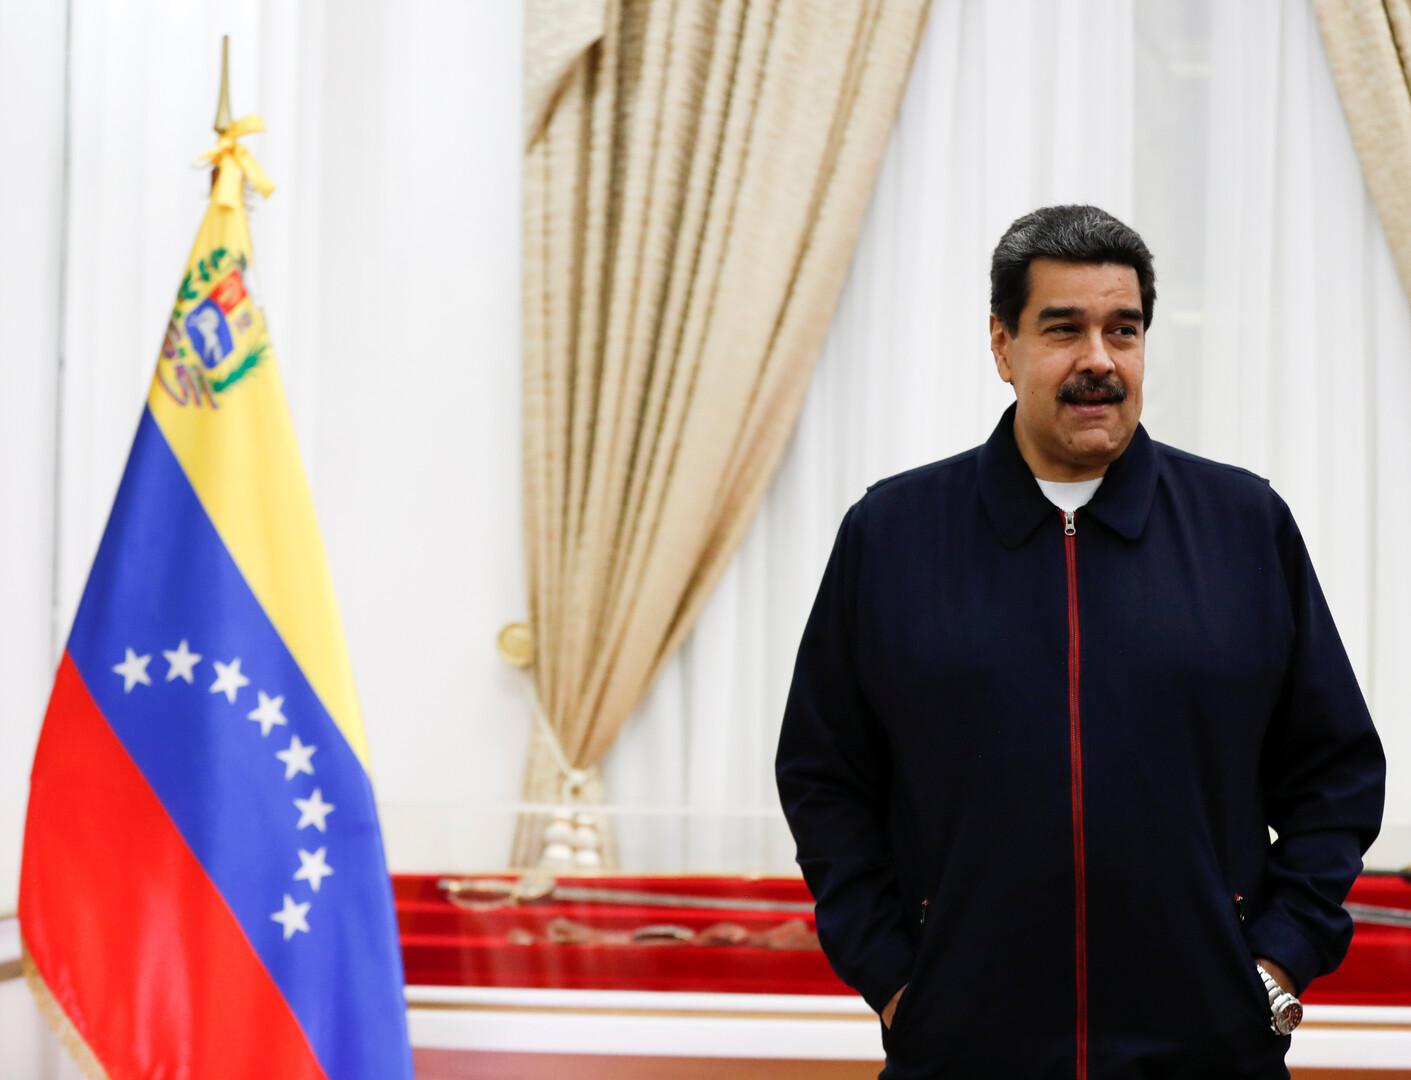 بوتين لمادورو: ندعم كل مؤسسات السلطة الشرعية في فنزويلا وملتزمون بتعاوننا العسكري